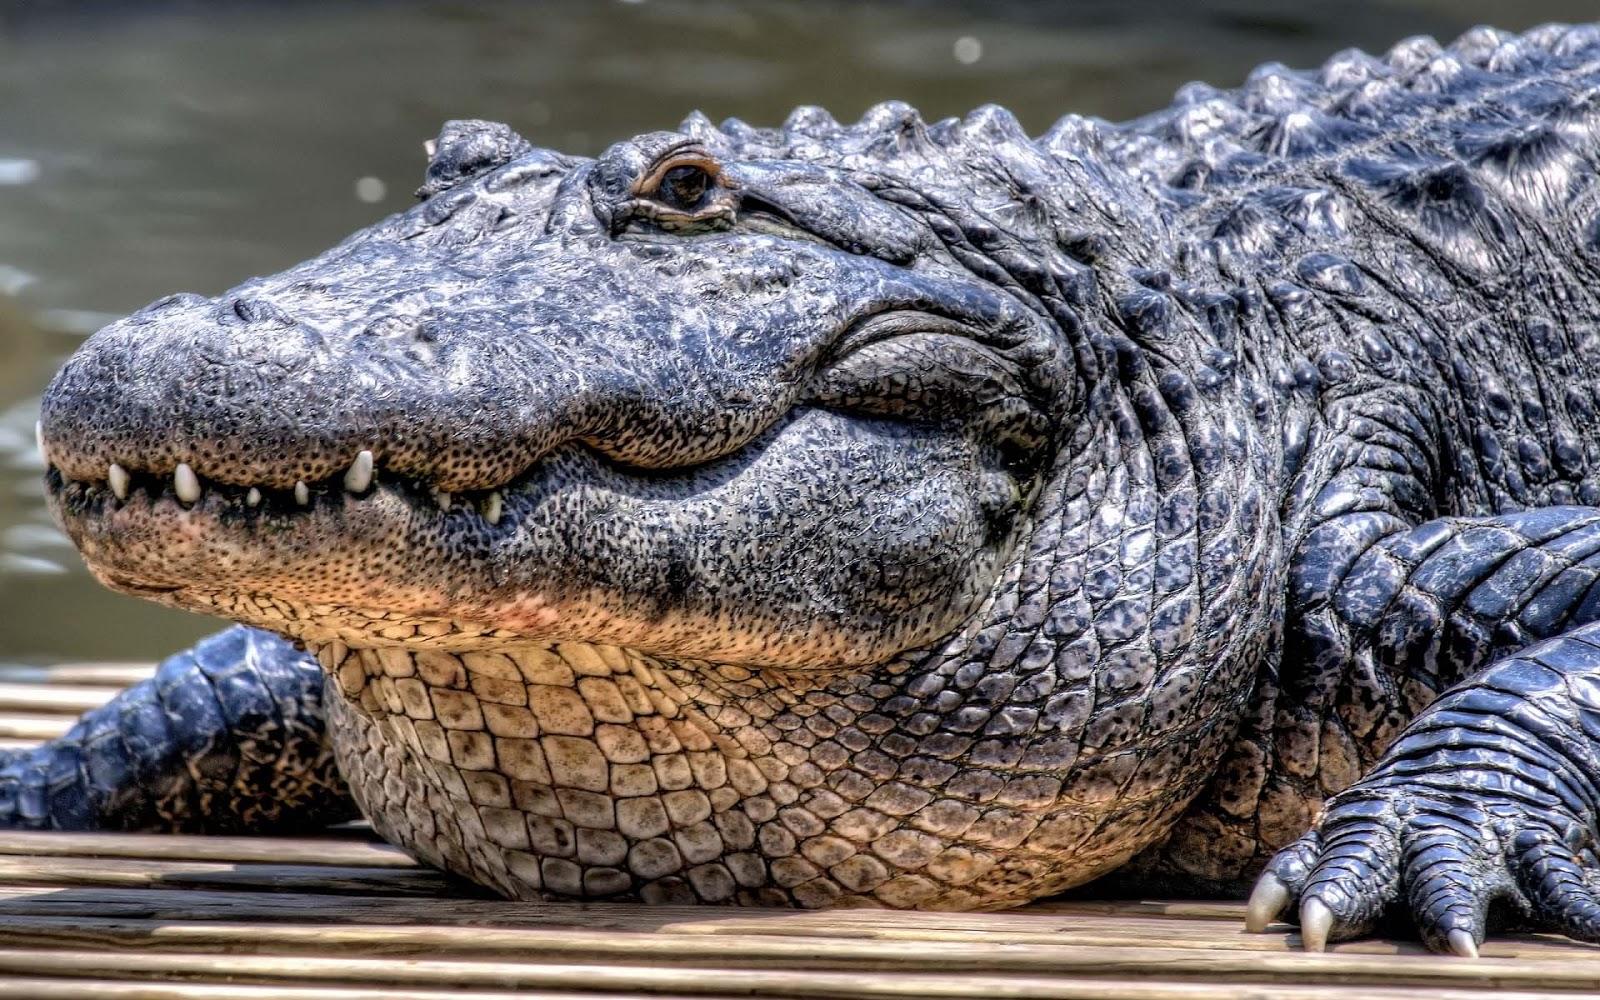 Crocodile Wallpaper - WallpaperSafari